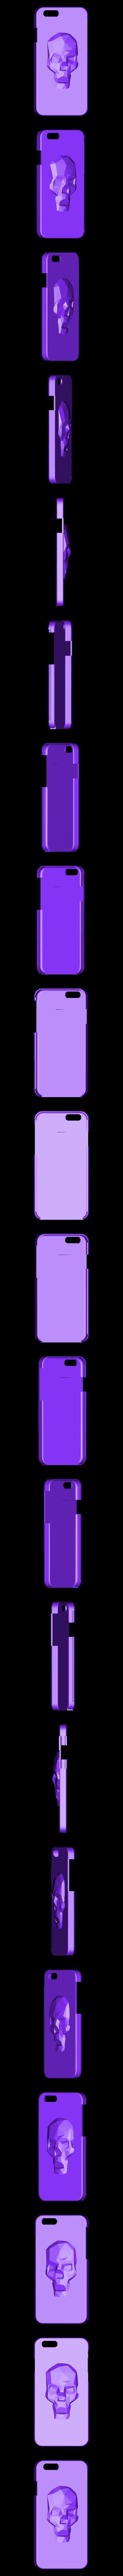 low_poly_skull_iphone_6_case.stl Télécharger fichier STL gratuit Étui Low Poly Skull iPhone (4, 4s, 5s, 6 et 6 plus) • Modèle à imprimer en 3D, Mathi_